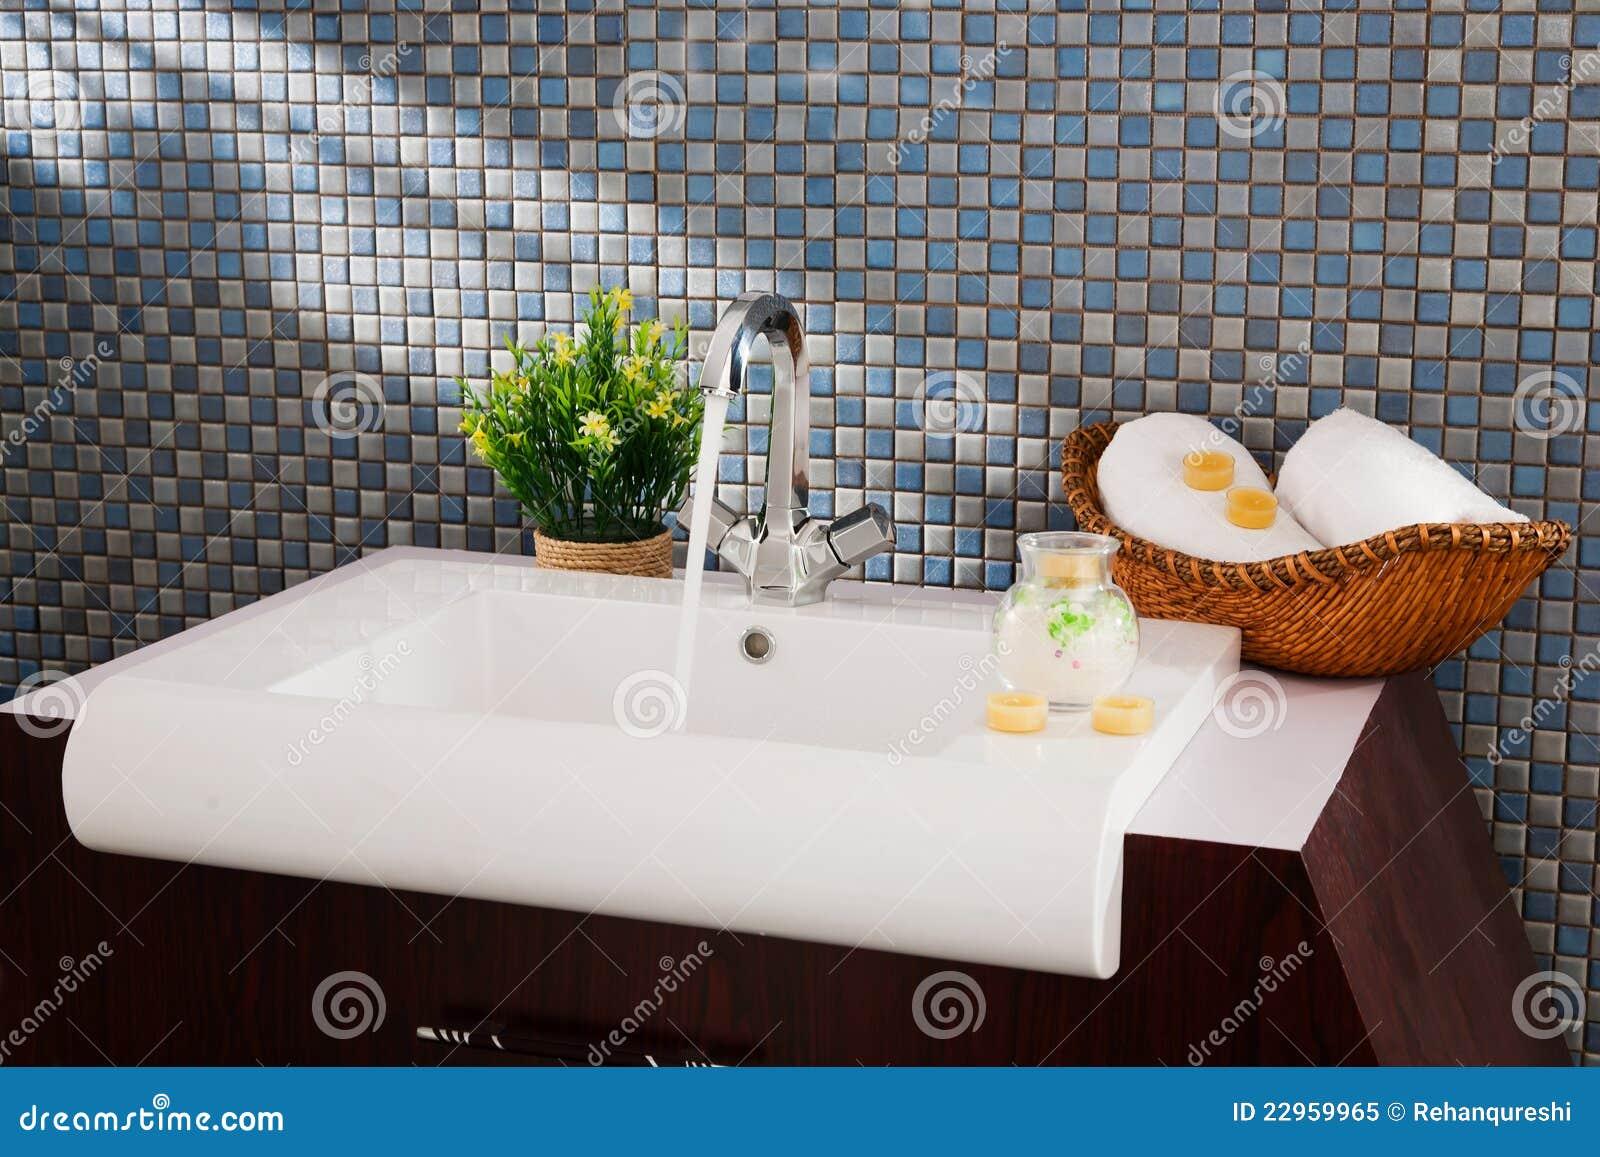 Lavandino in una stanza da bagno moderna immagine stock for Stanza da pranzo moderna